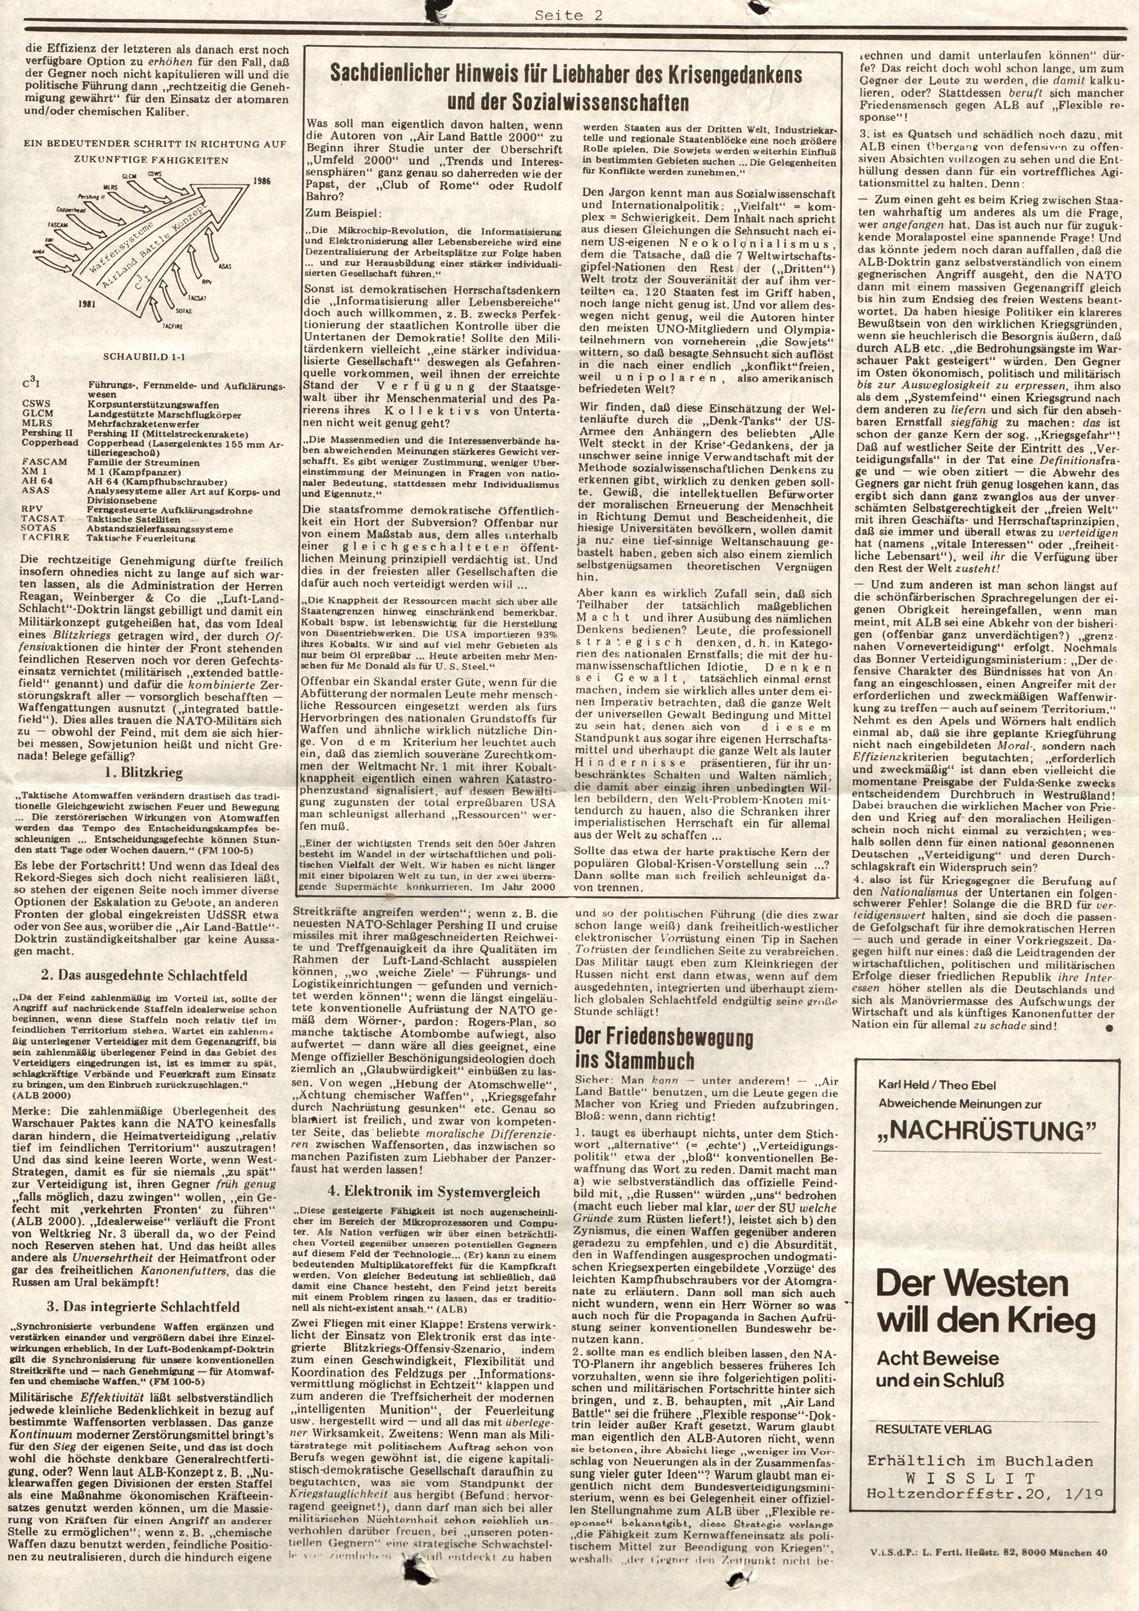 Berlin_MG_Hochschulgruppe_19830000_02